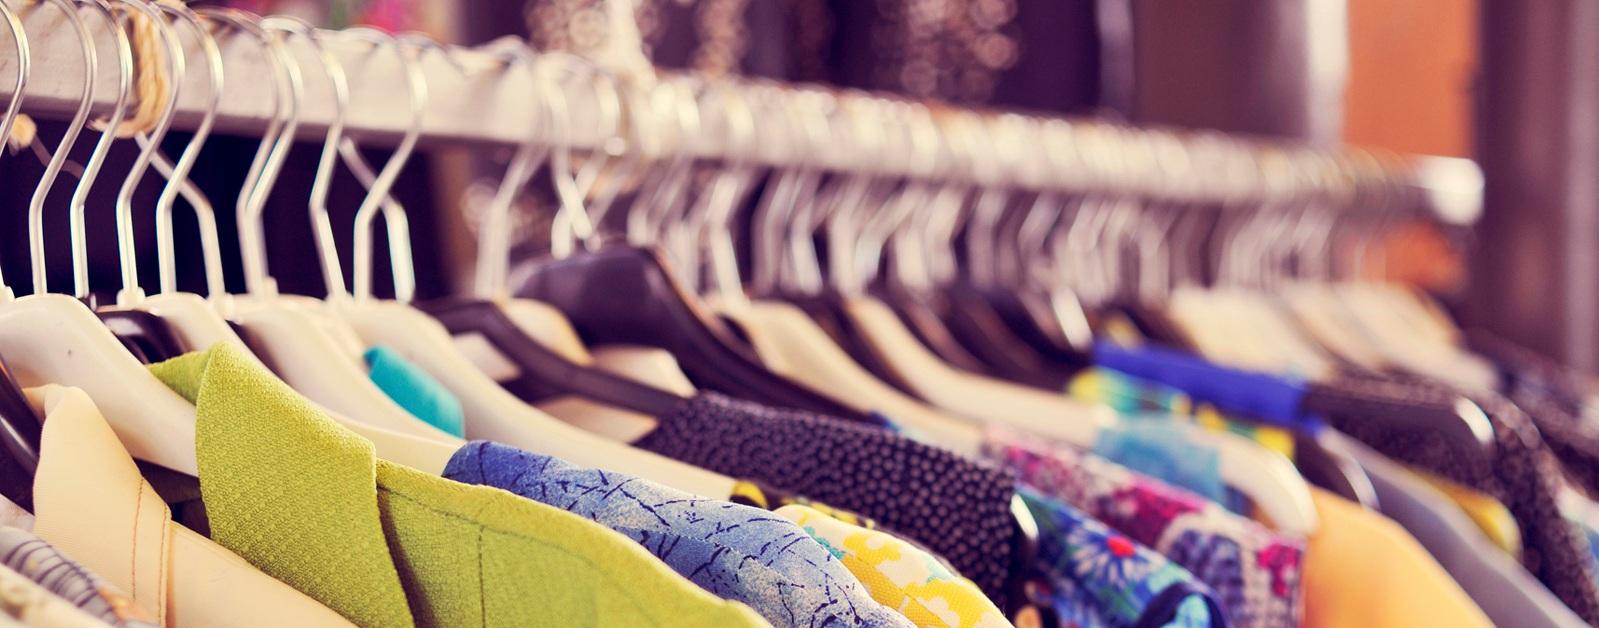 clothesrail.jpg